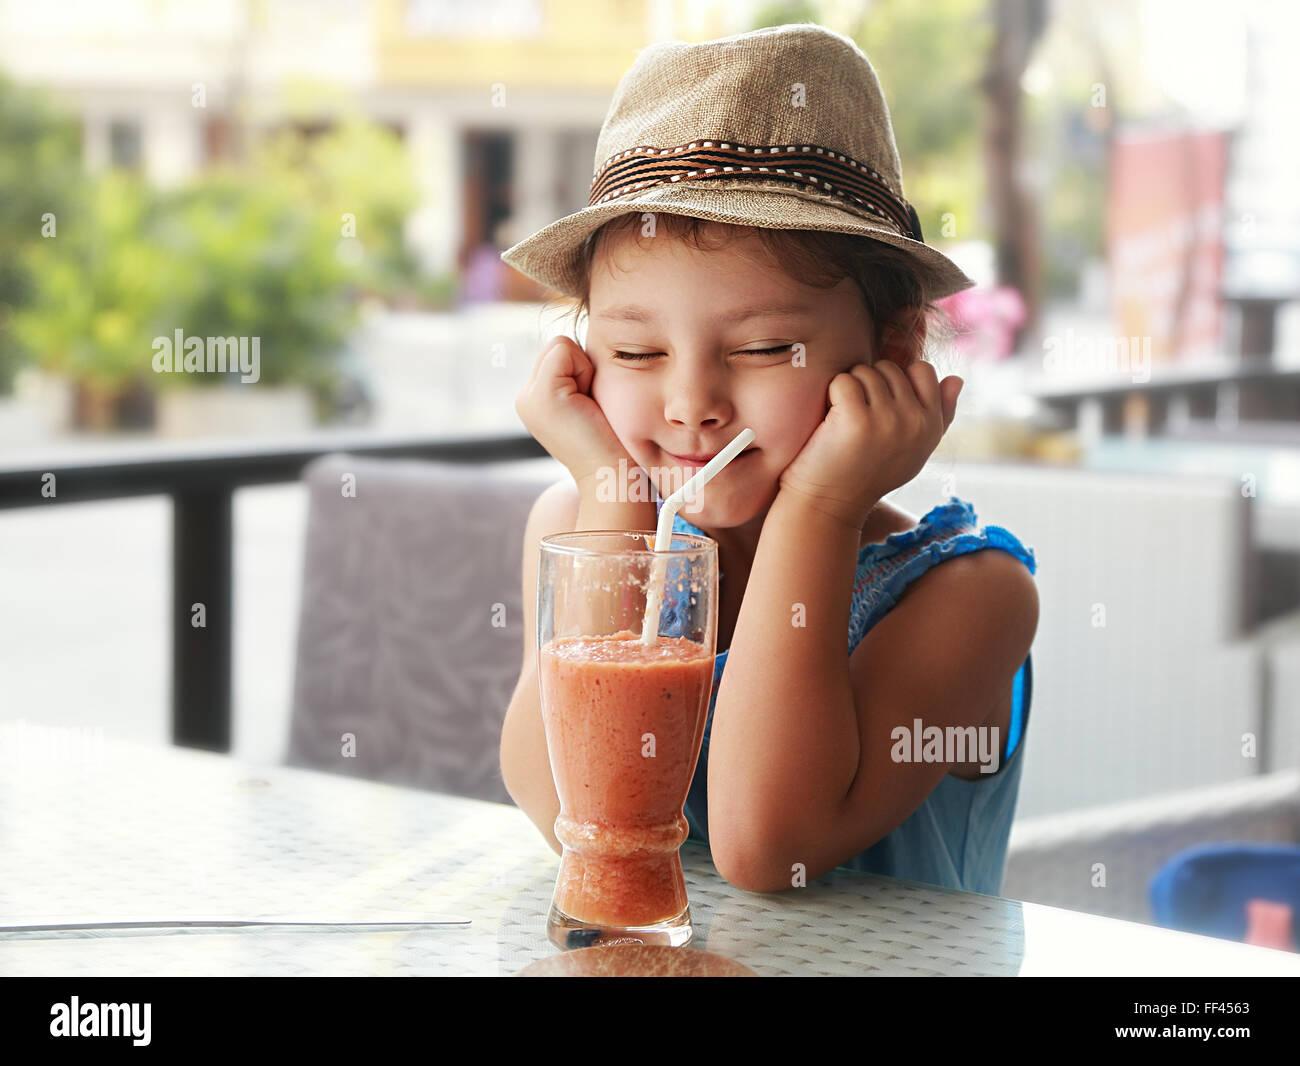 Spaß Kind Mädchen mit Hut Kniff ihre Augen und warten im Moment den Smoothie lecker Saft auf Sommer Hintergrund Stockbild